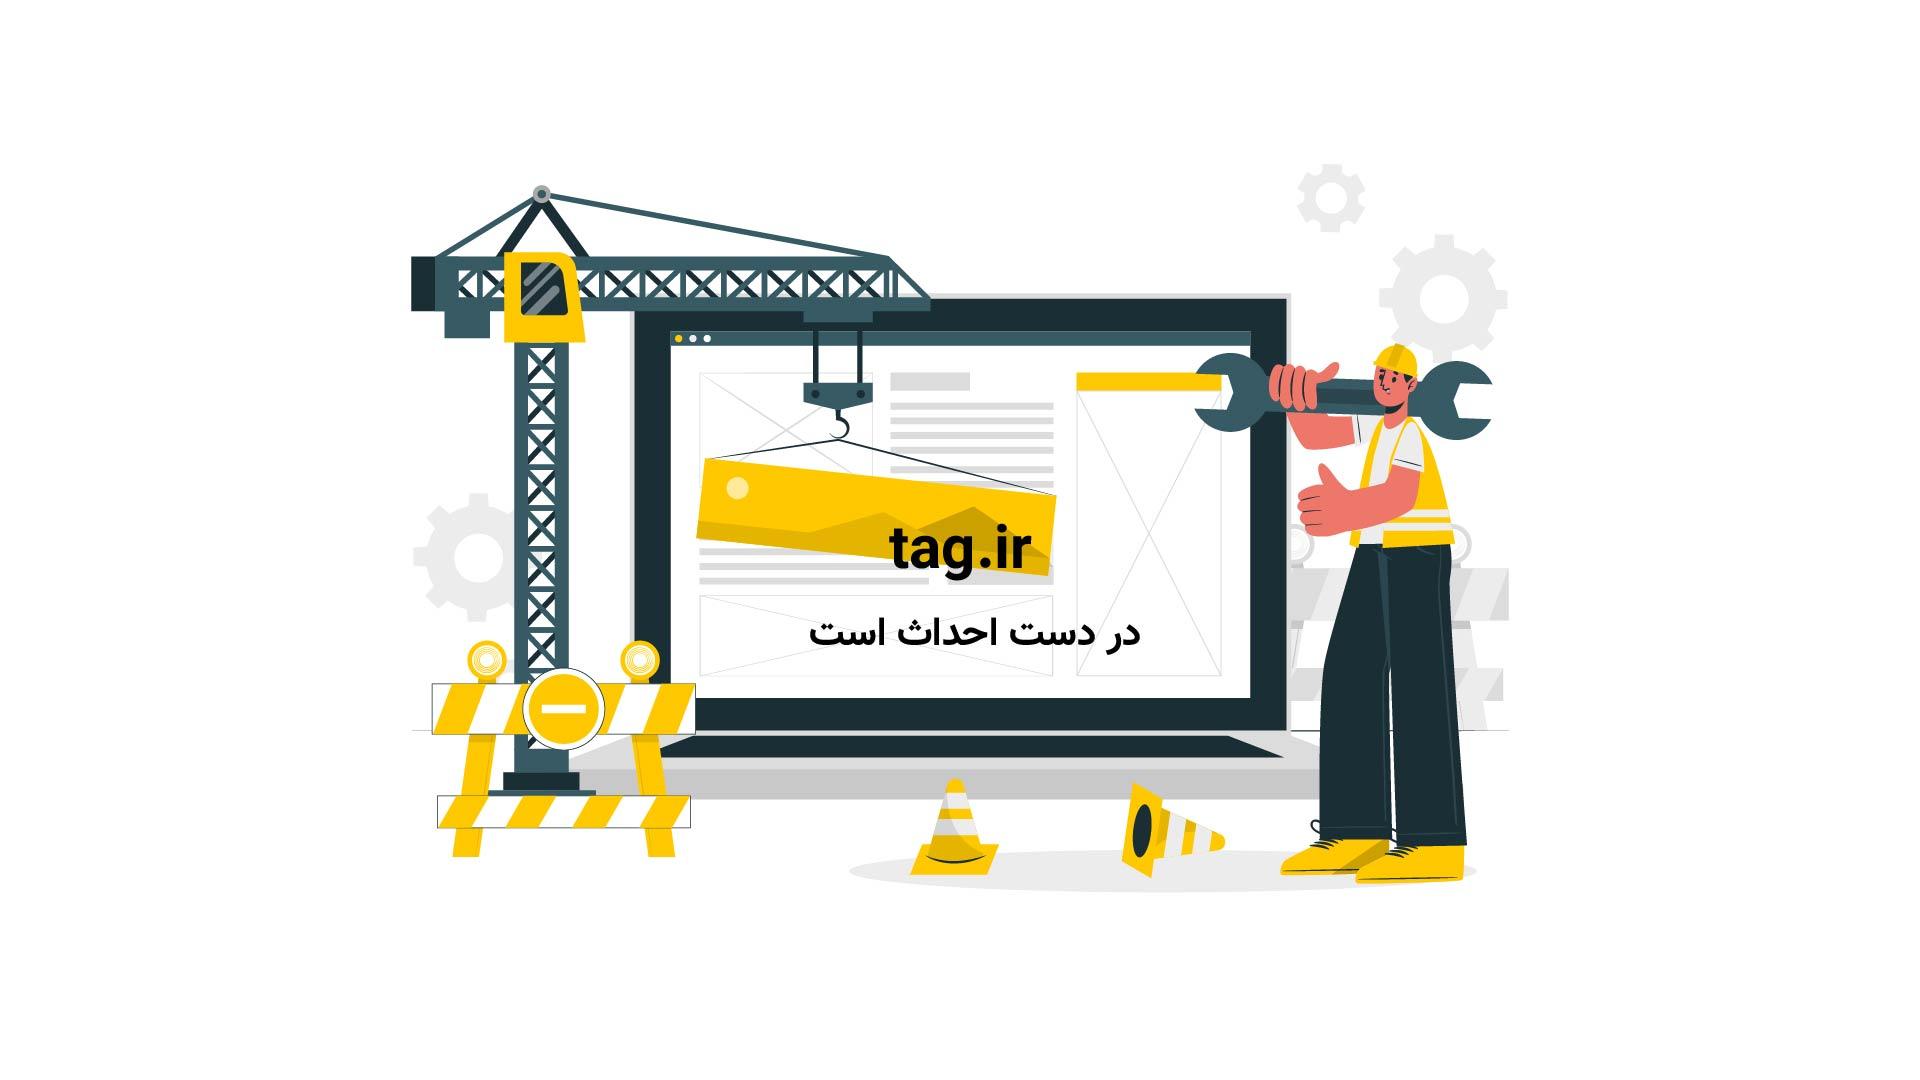 خنک کردن روز های گرم | تگ